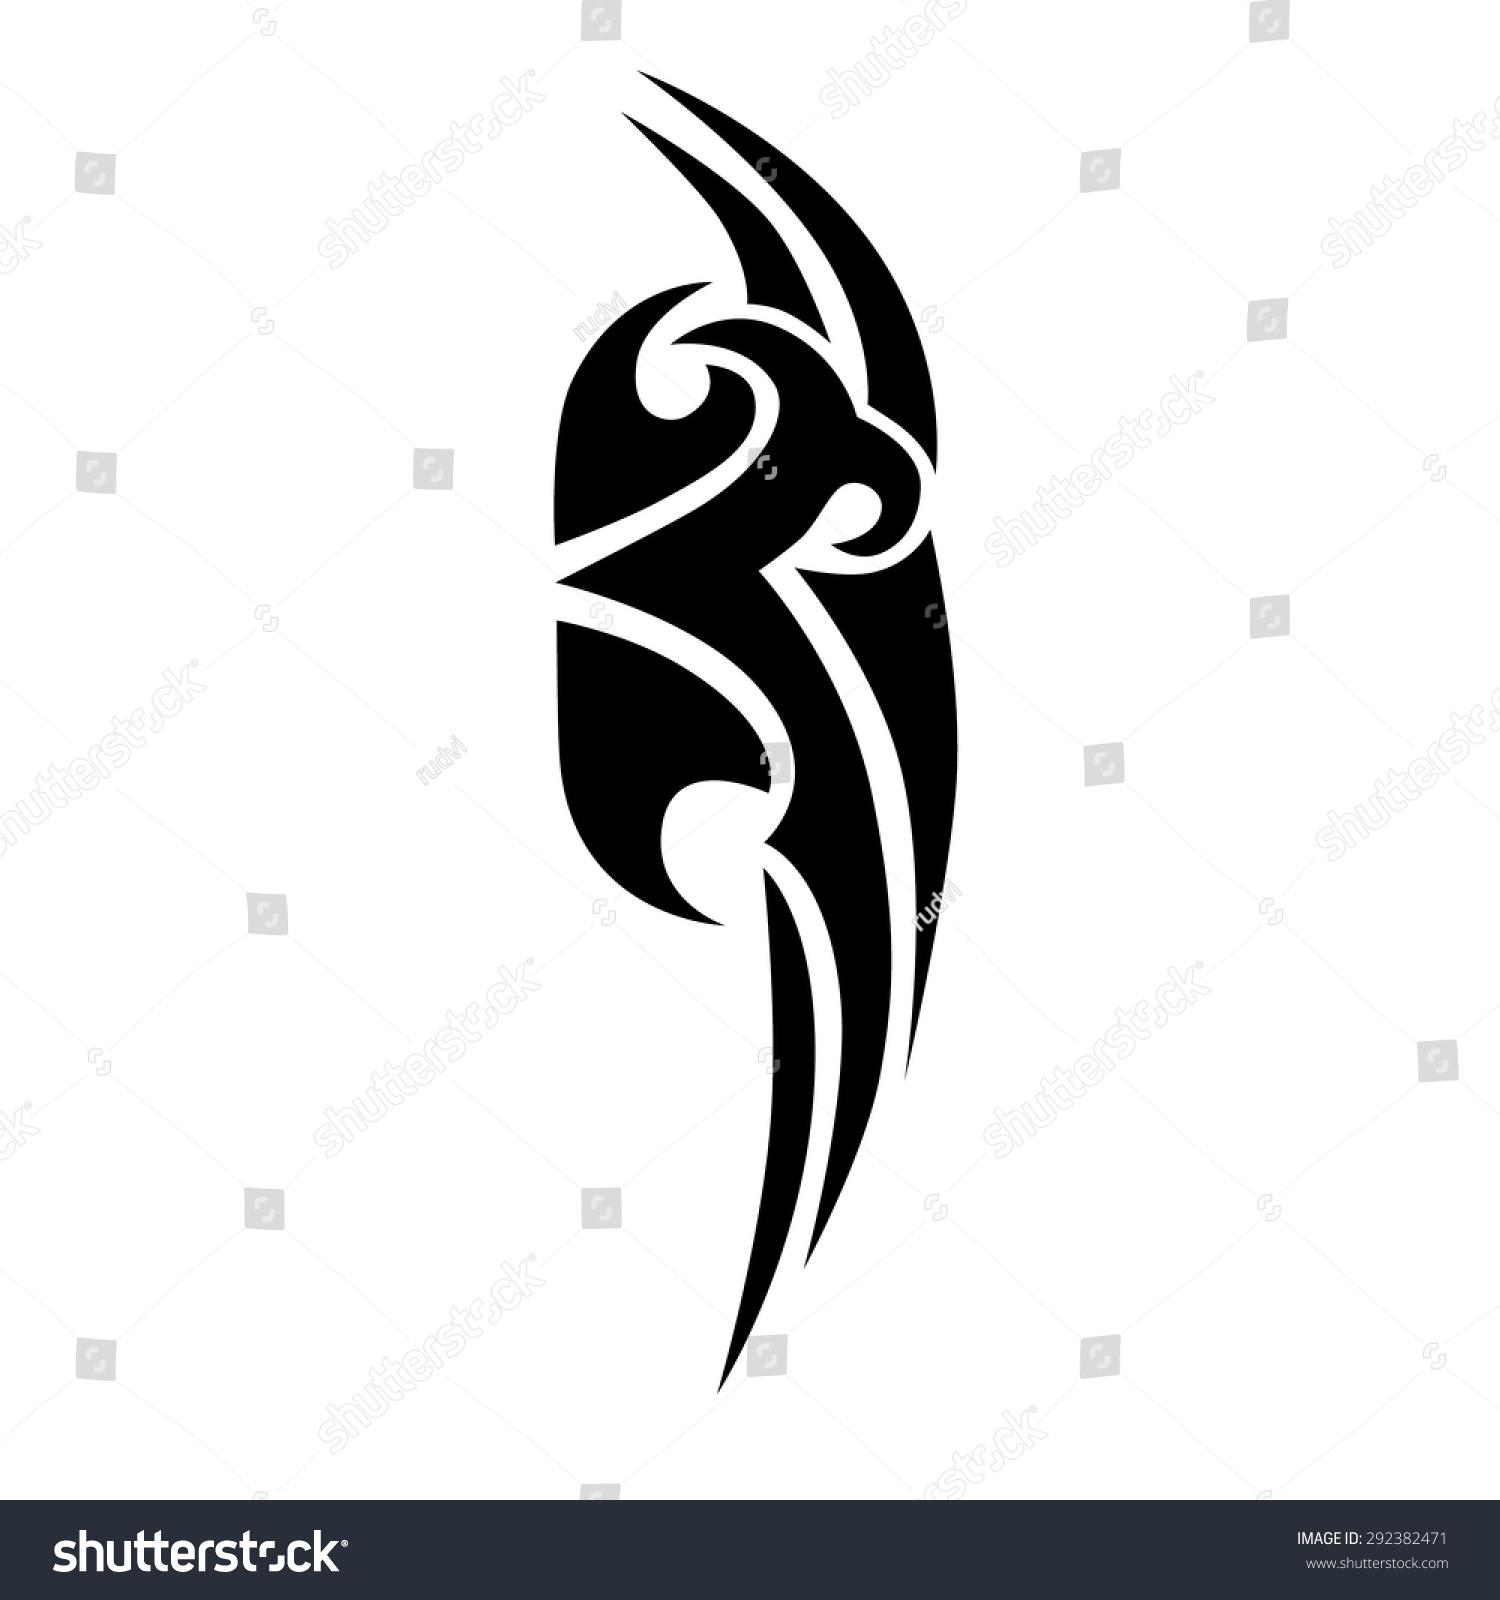 Tribal-Tattoos stock-vector-tribal-tattoos-design-element-art-tribal-tattoo-292382471